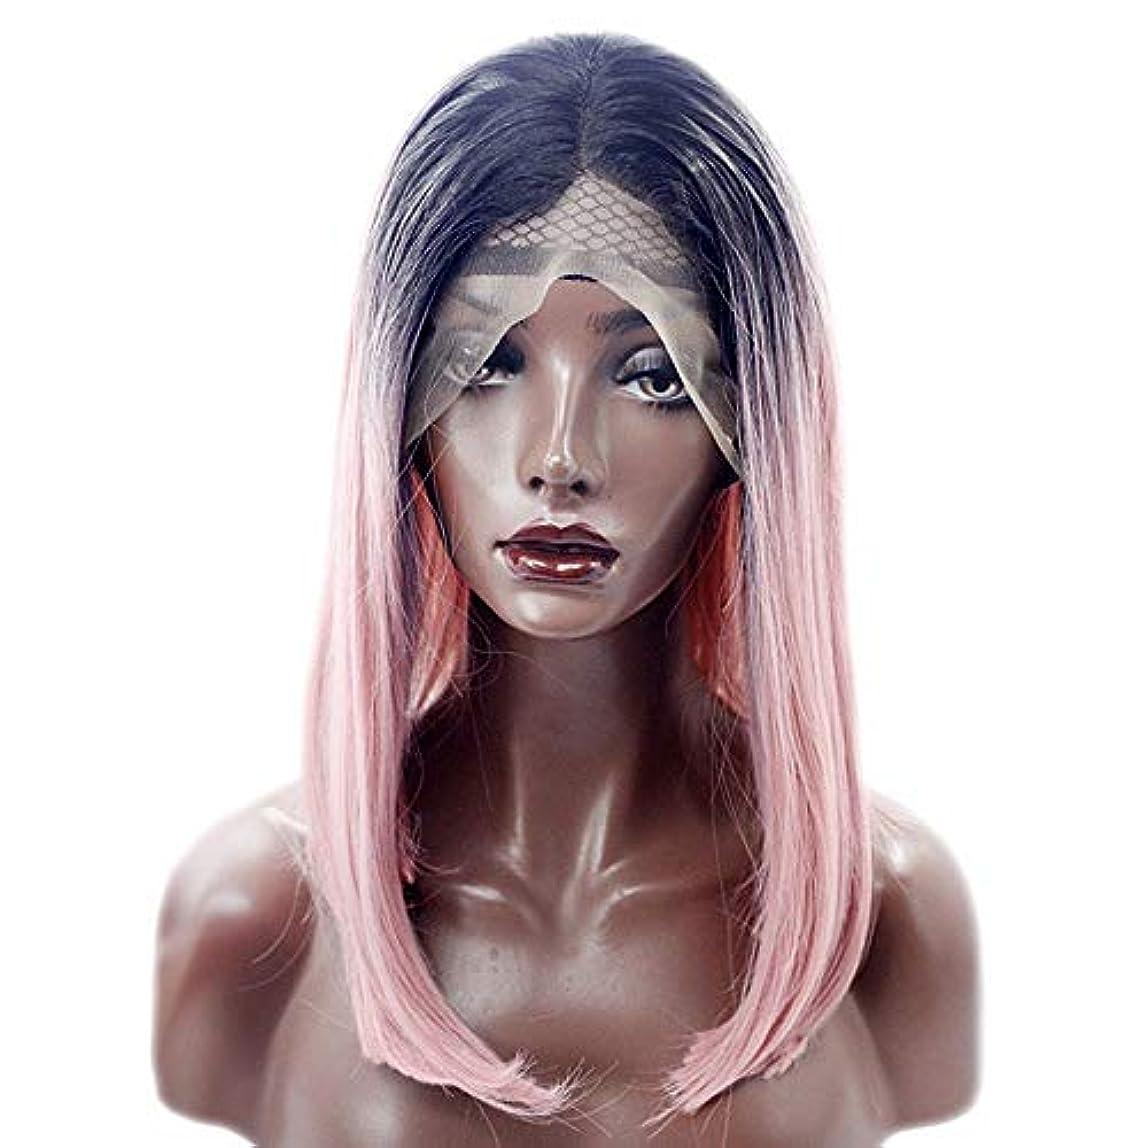 すなわち卑しい真剣にYOUQIU 女性のかつらのフロント合成かつらピンクボブウィッグストレート肩の耐熱髪をひもで締めます (色 : ピンク)